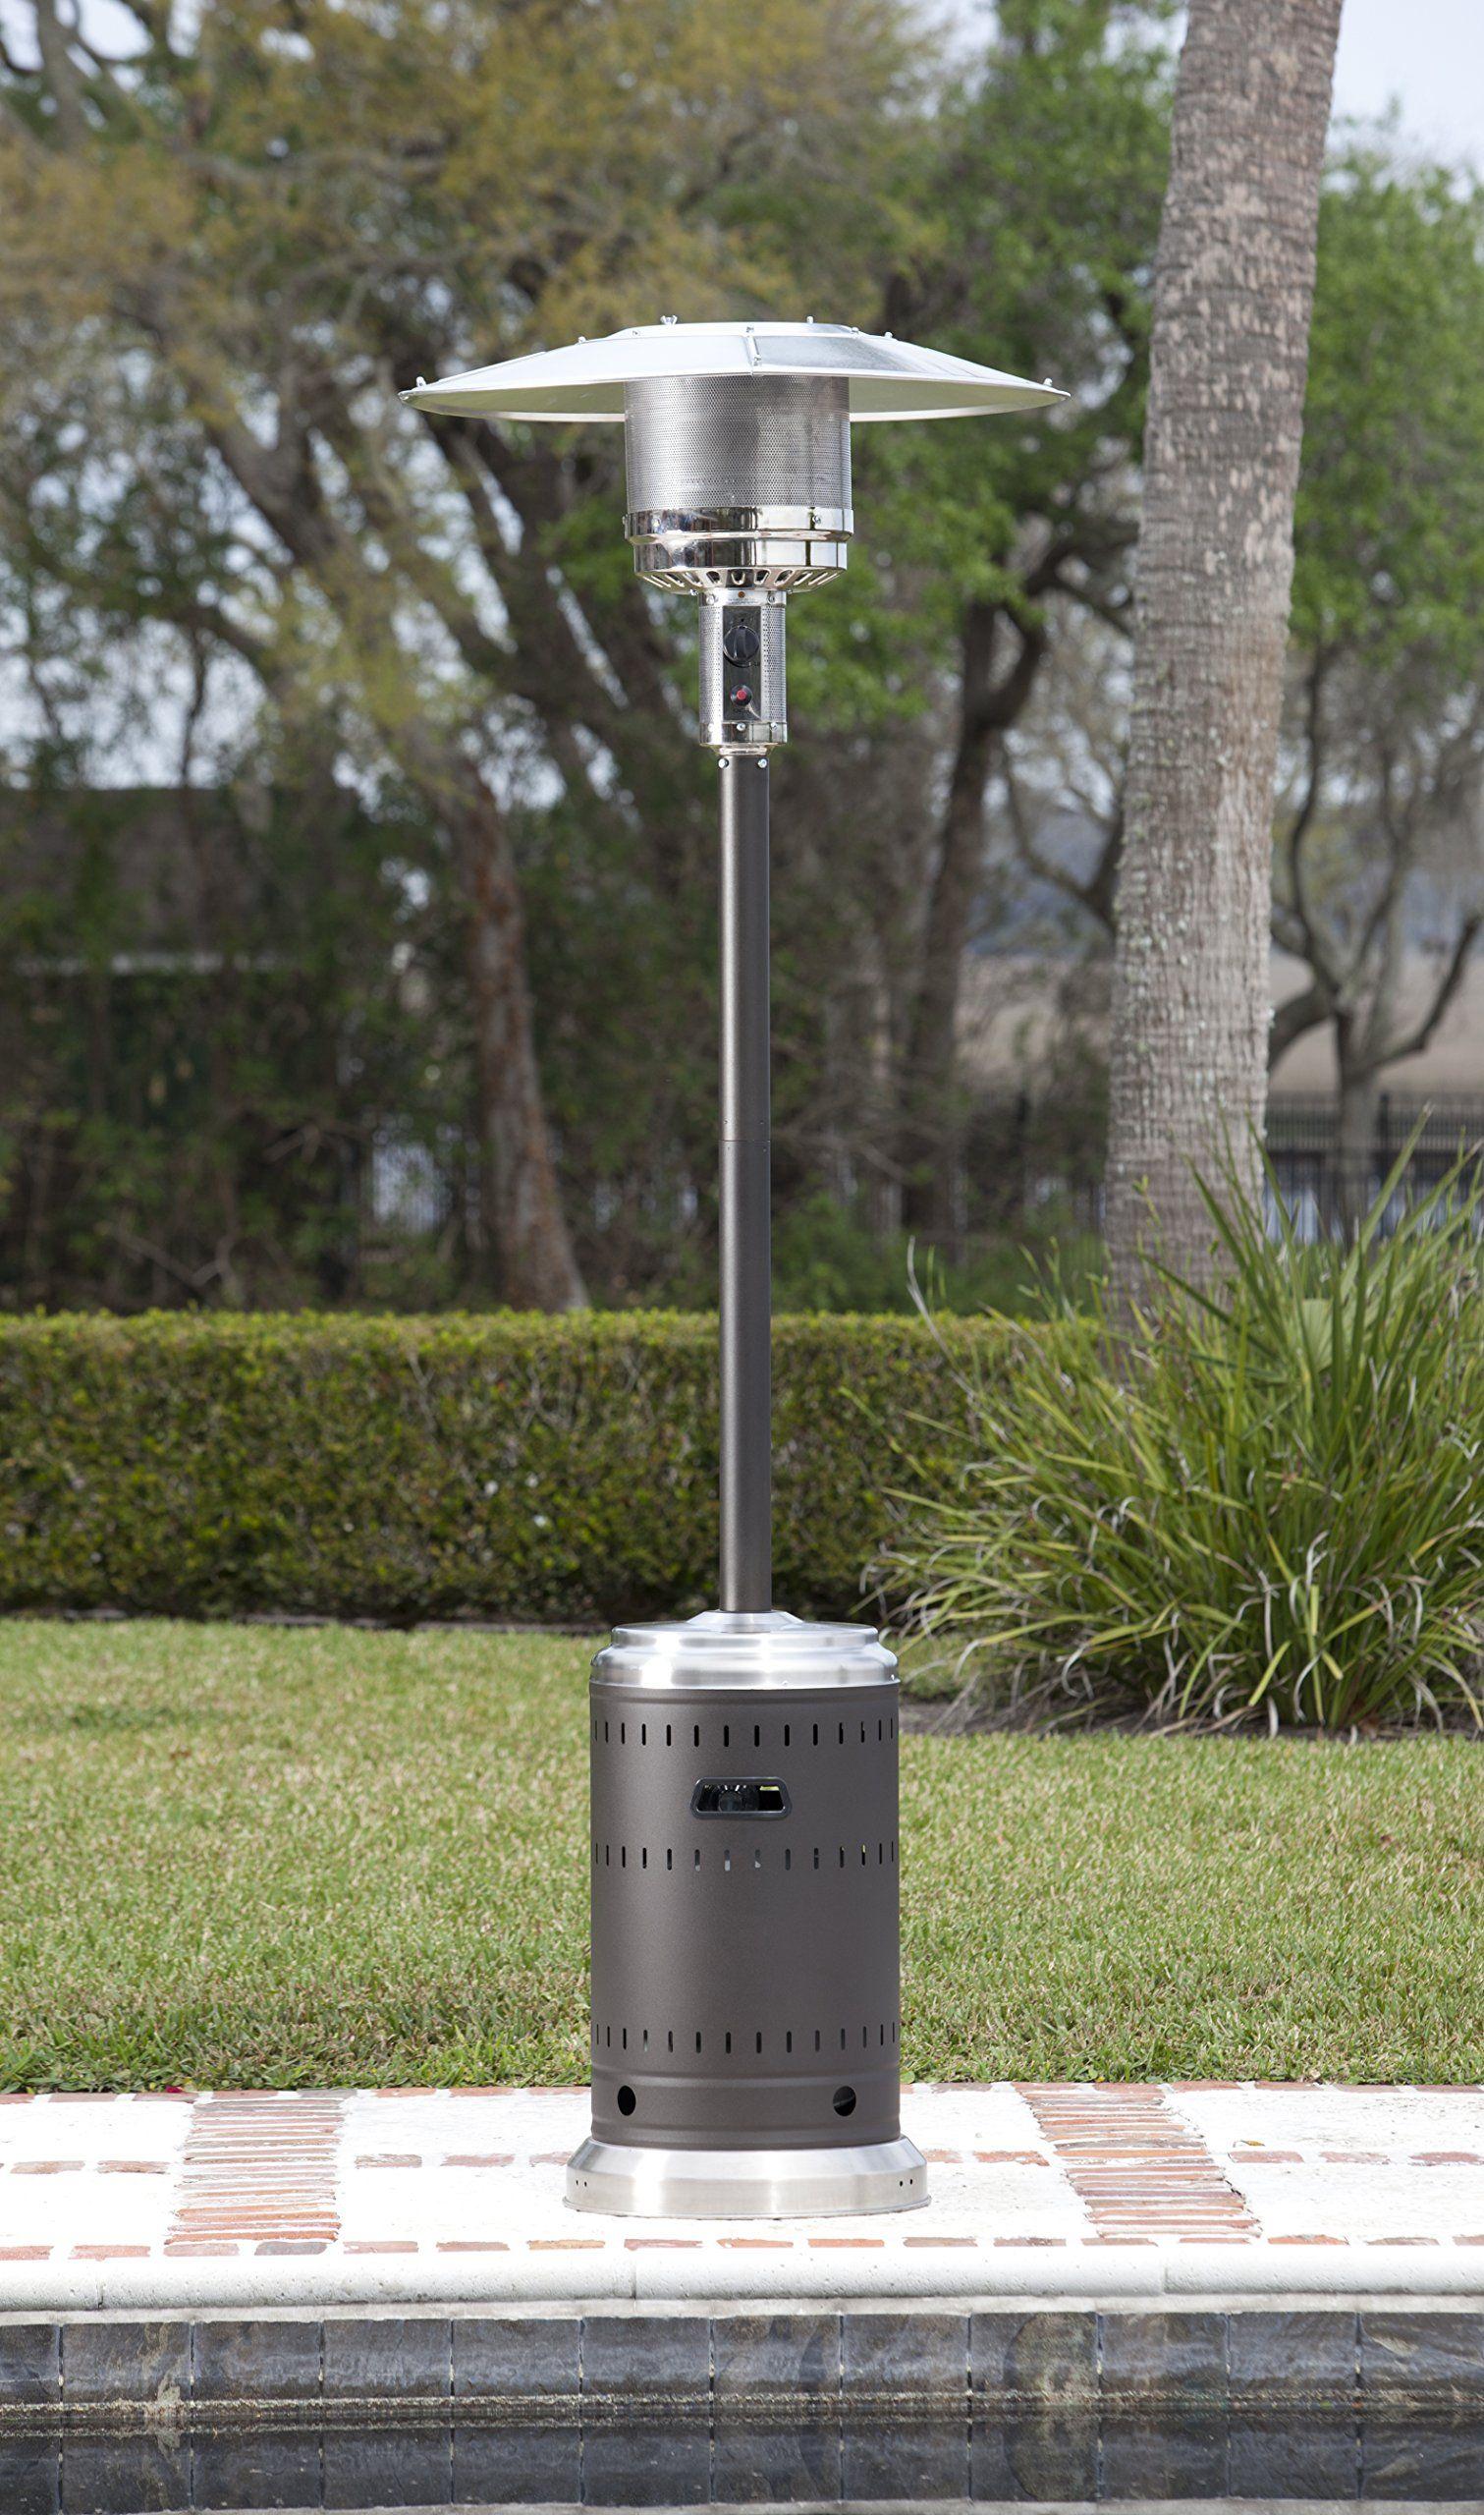 Golden Flame 46 000 Btu Xl Series Matte Mocha Patio Heater With Wheels Propane Patio Heater Patio Heater Fire Sense